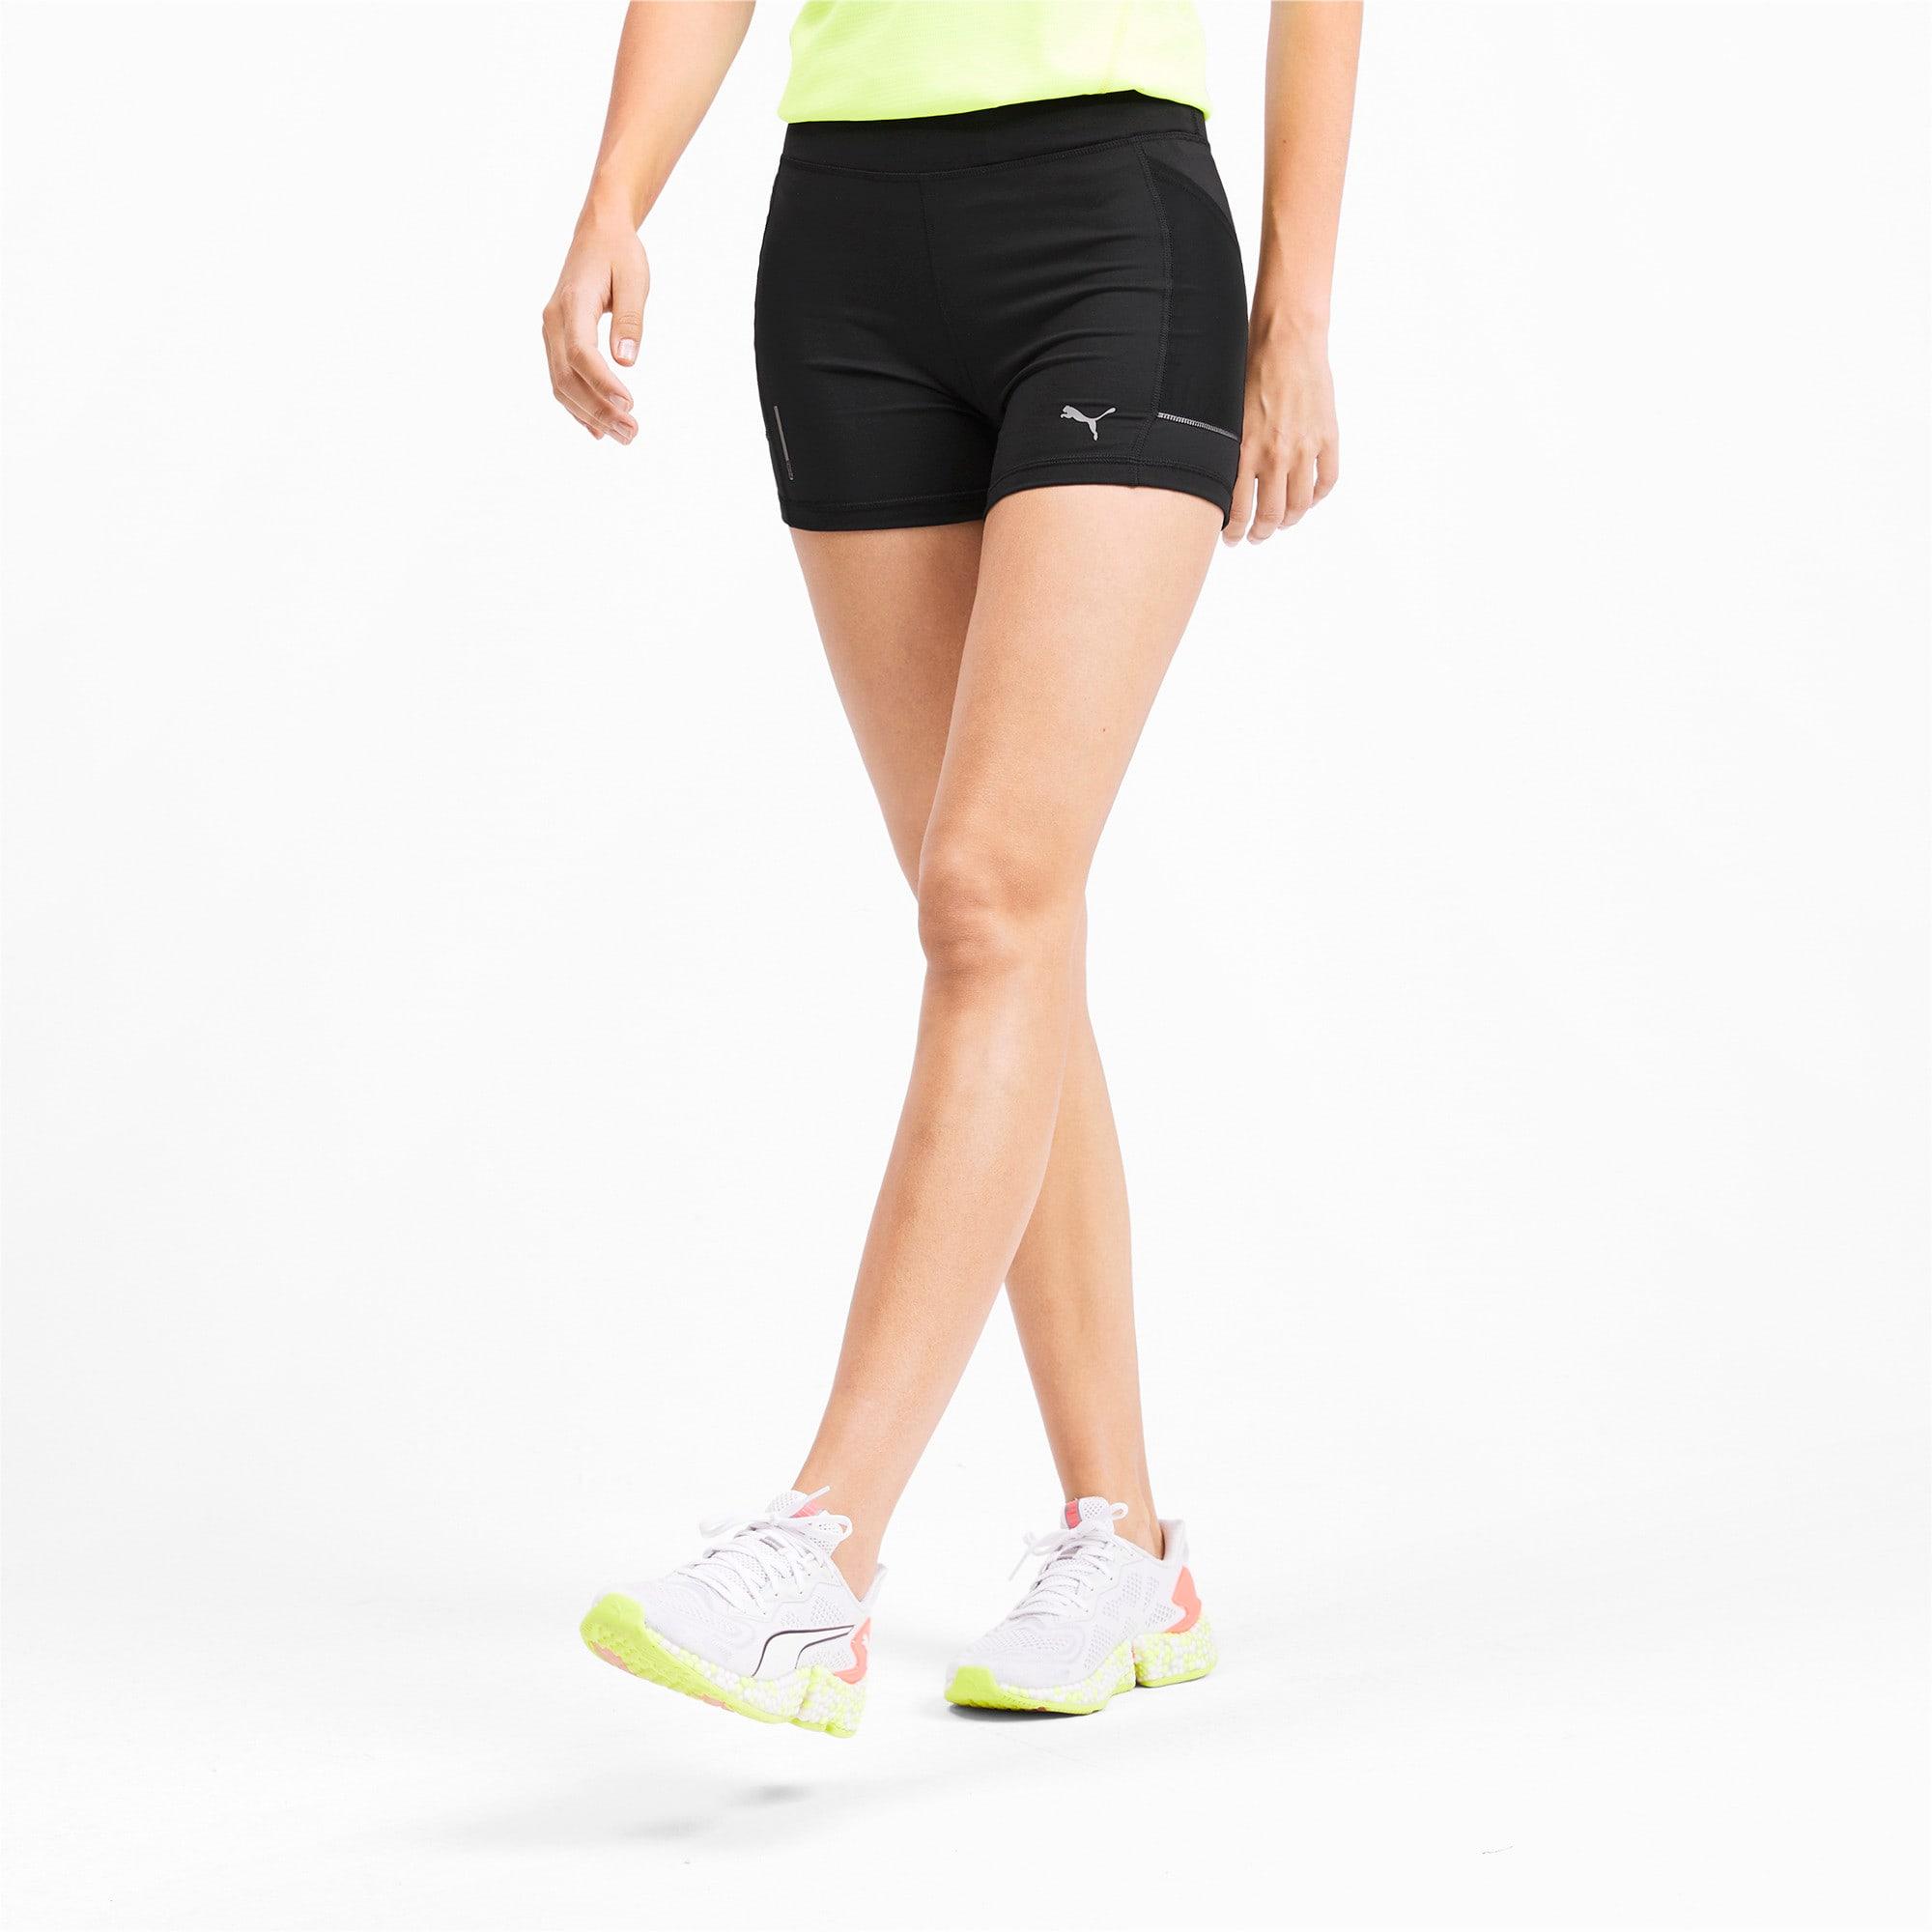 Thumbnail 1 of IGNITE Tight Women's Running Shorts, Puma Black, medium